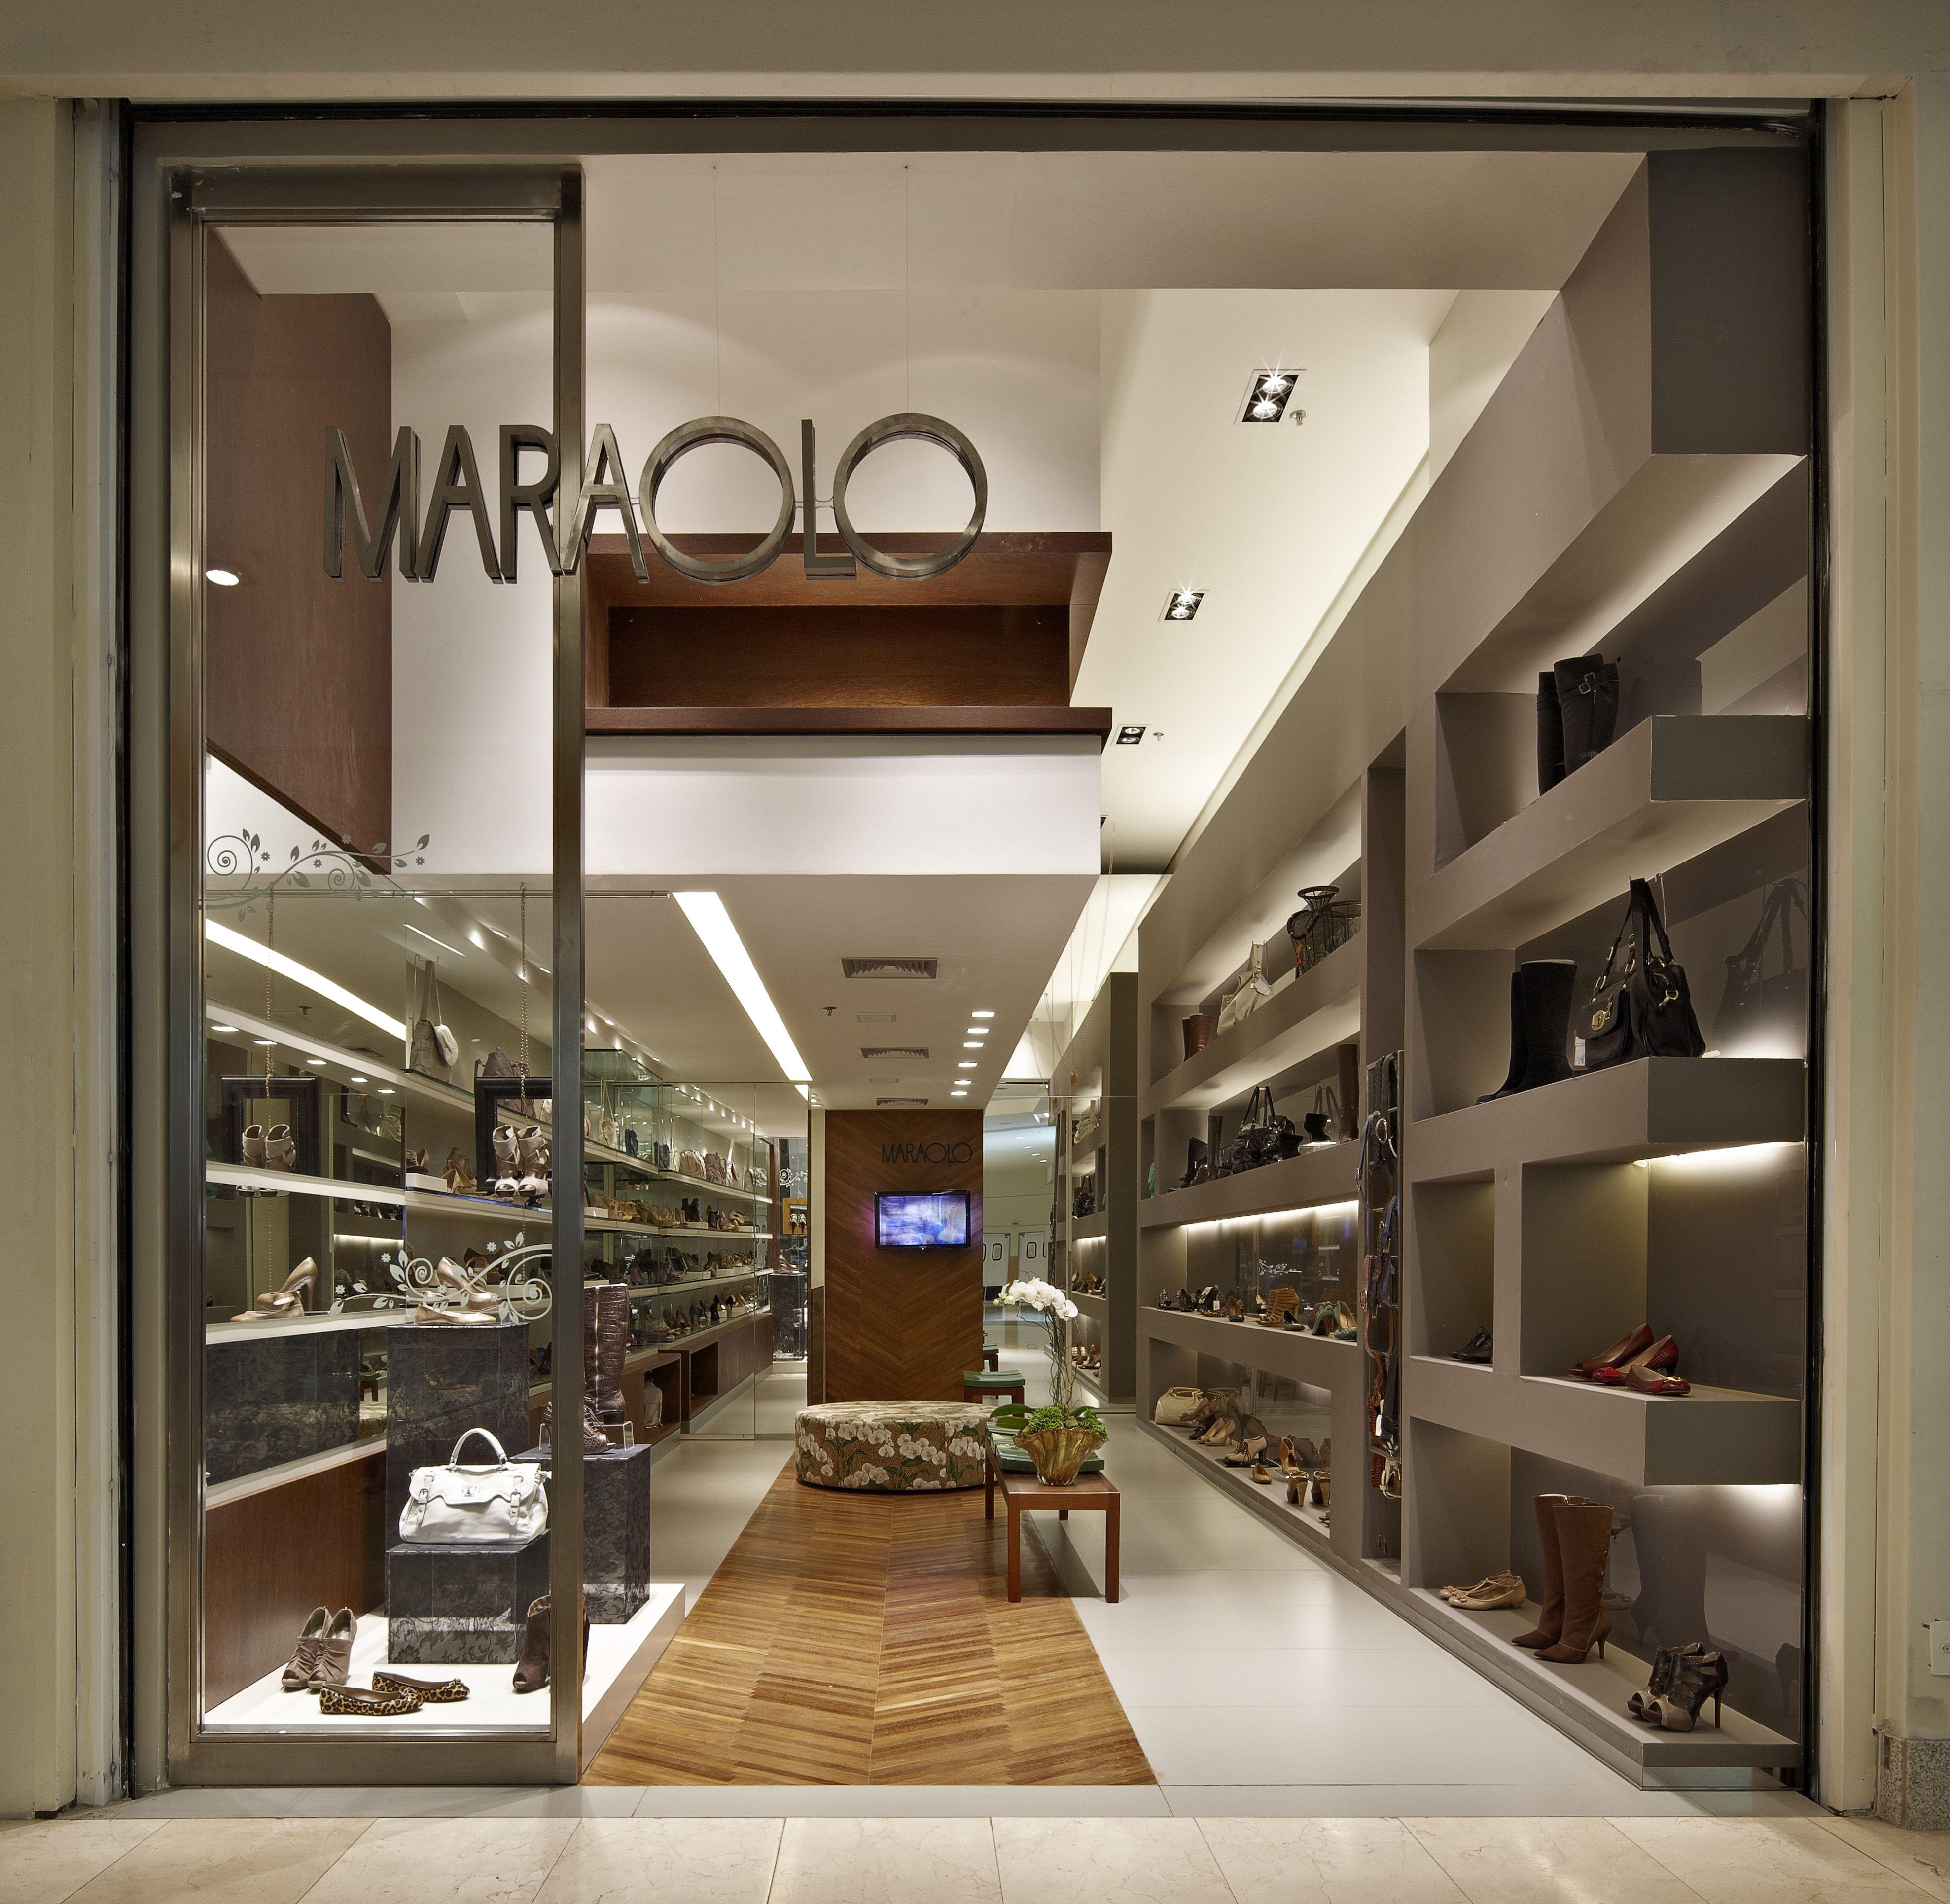 Vitrine da loja de calçados e acessórios femininos no bairro Santa Efigênia